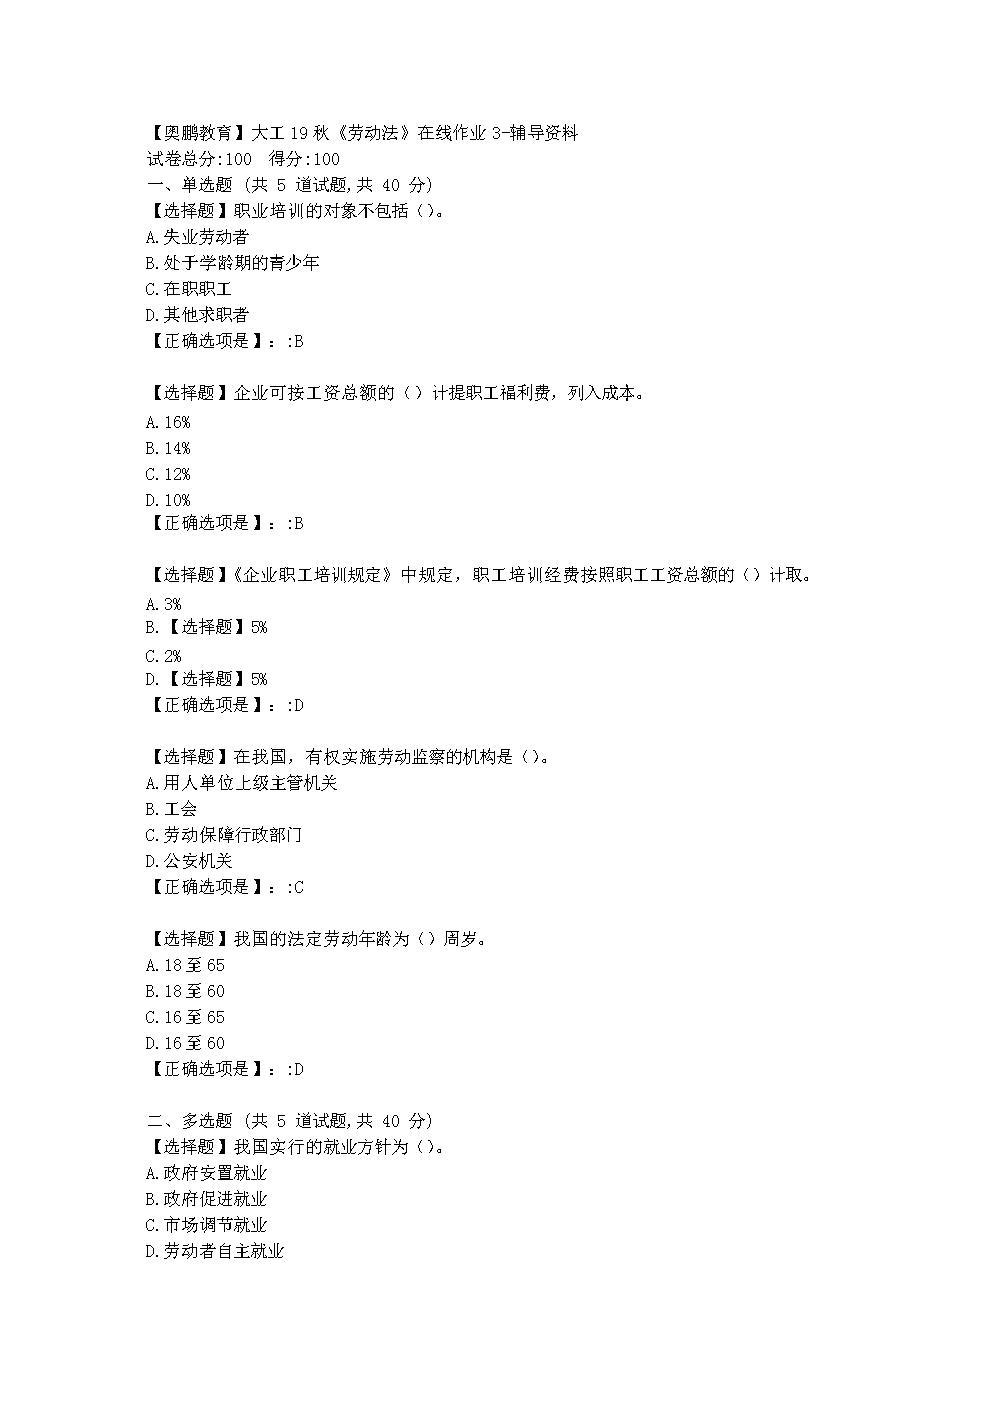 大连理工大学19秋《劳动法》在线作业3学习资料.doc